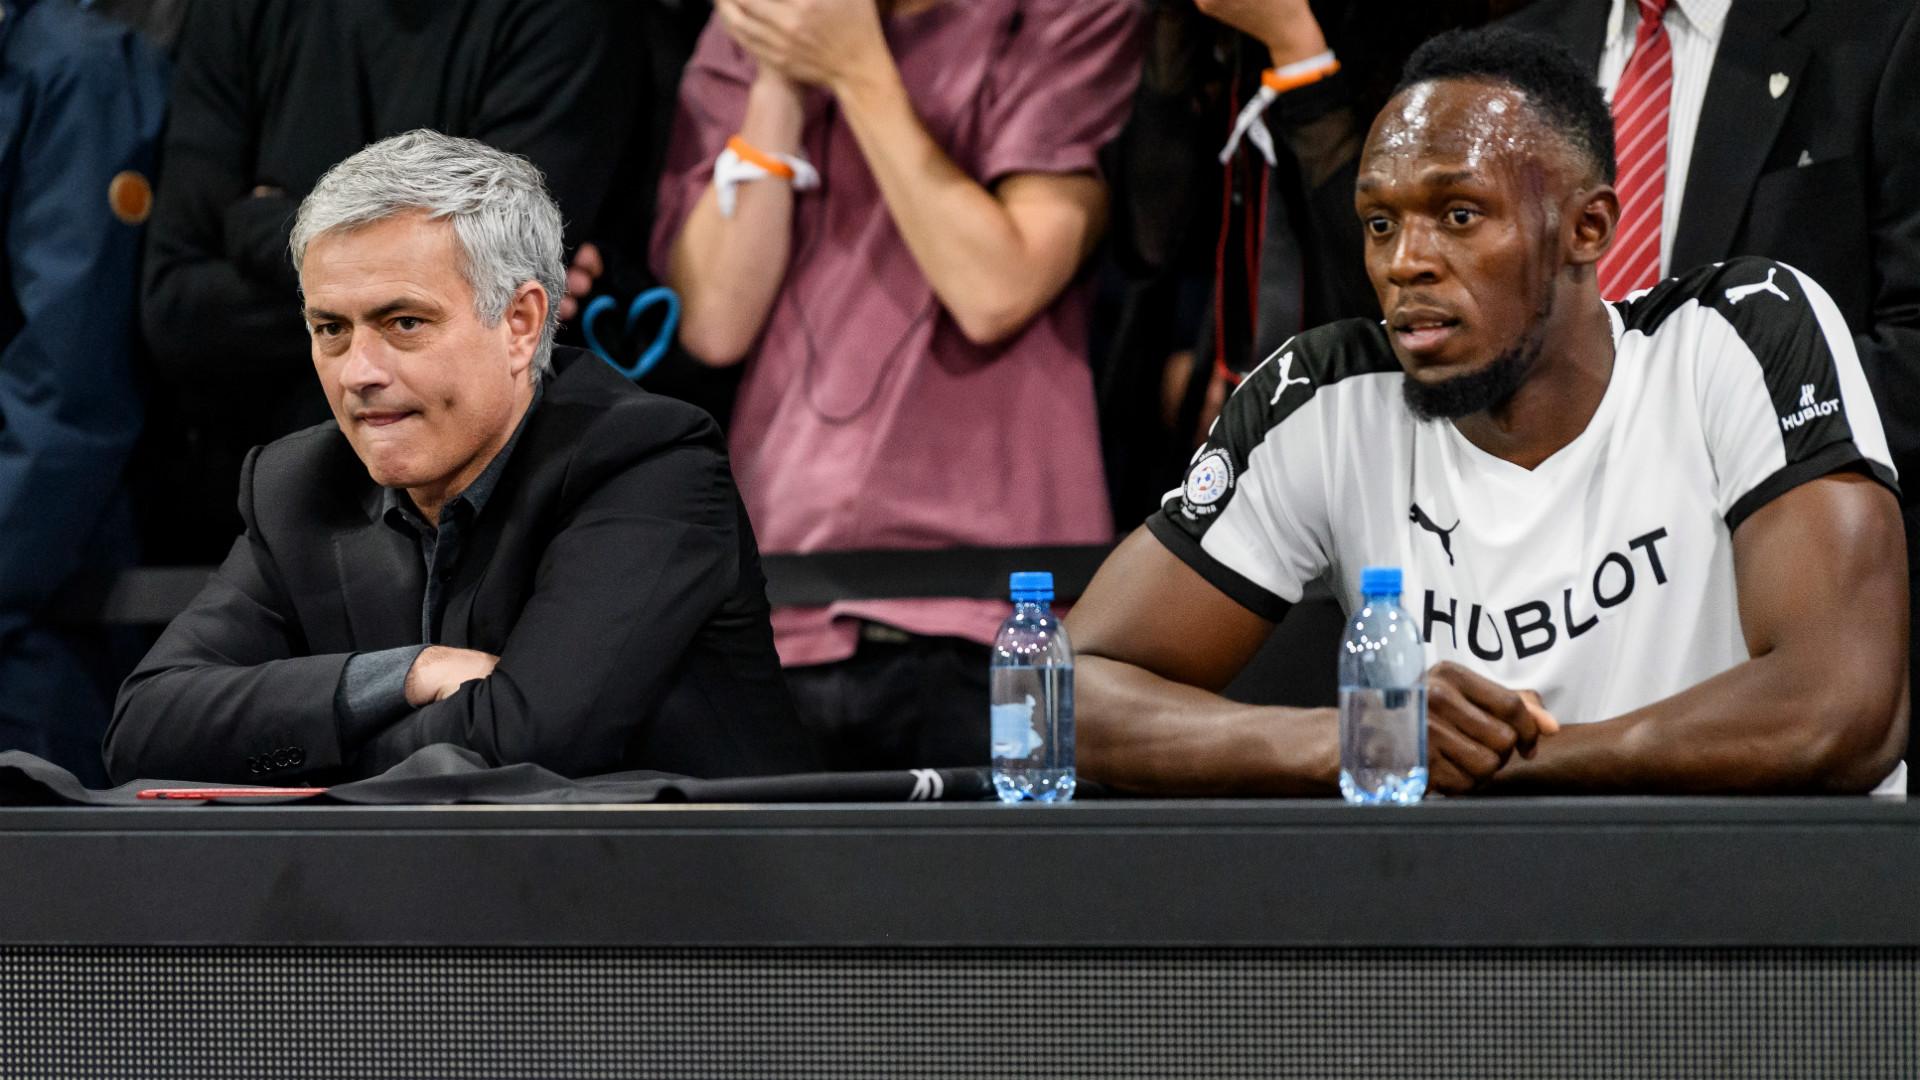 Usain Bolt Jose Mourinho